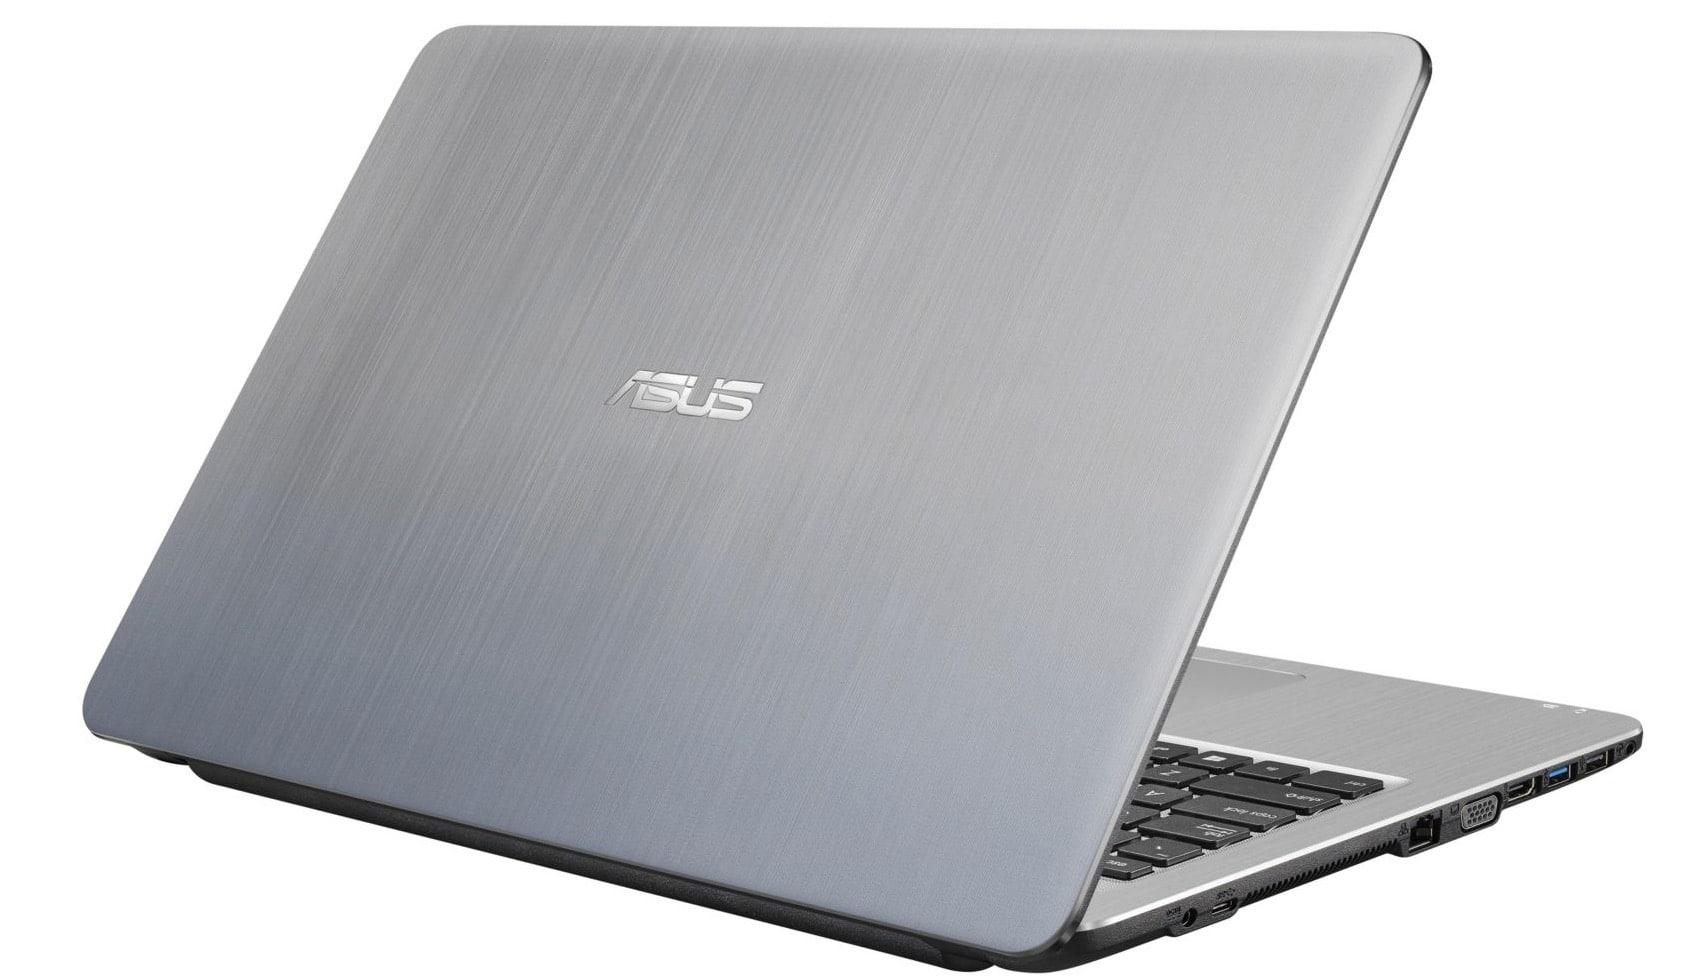 Asus R540LA-XX1293T, PC portable 15 pouces SSD+HDD i3 8 Go pack à 549€